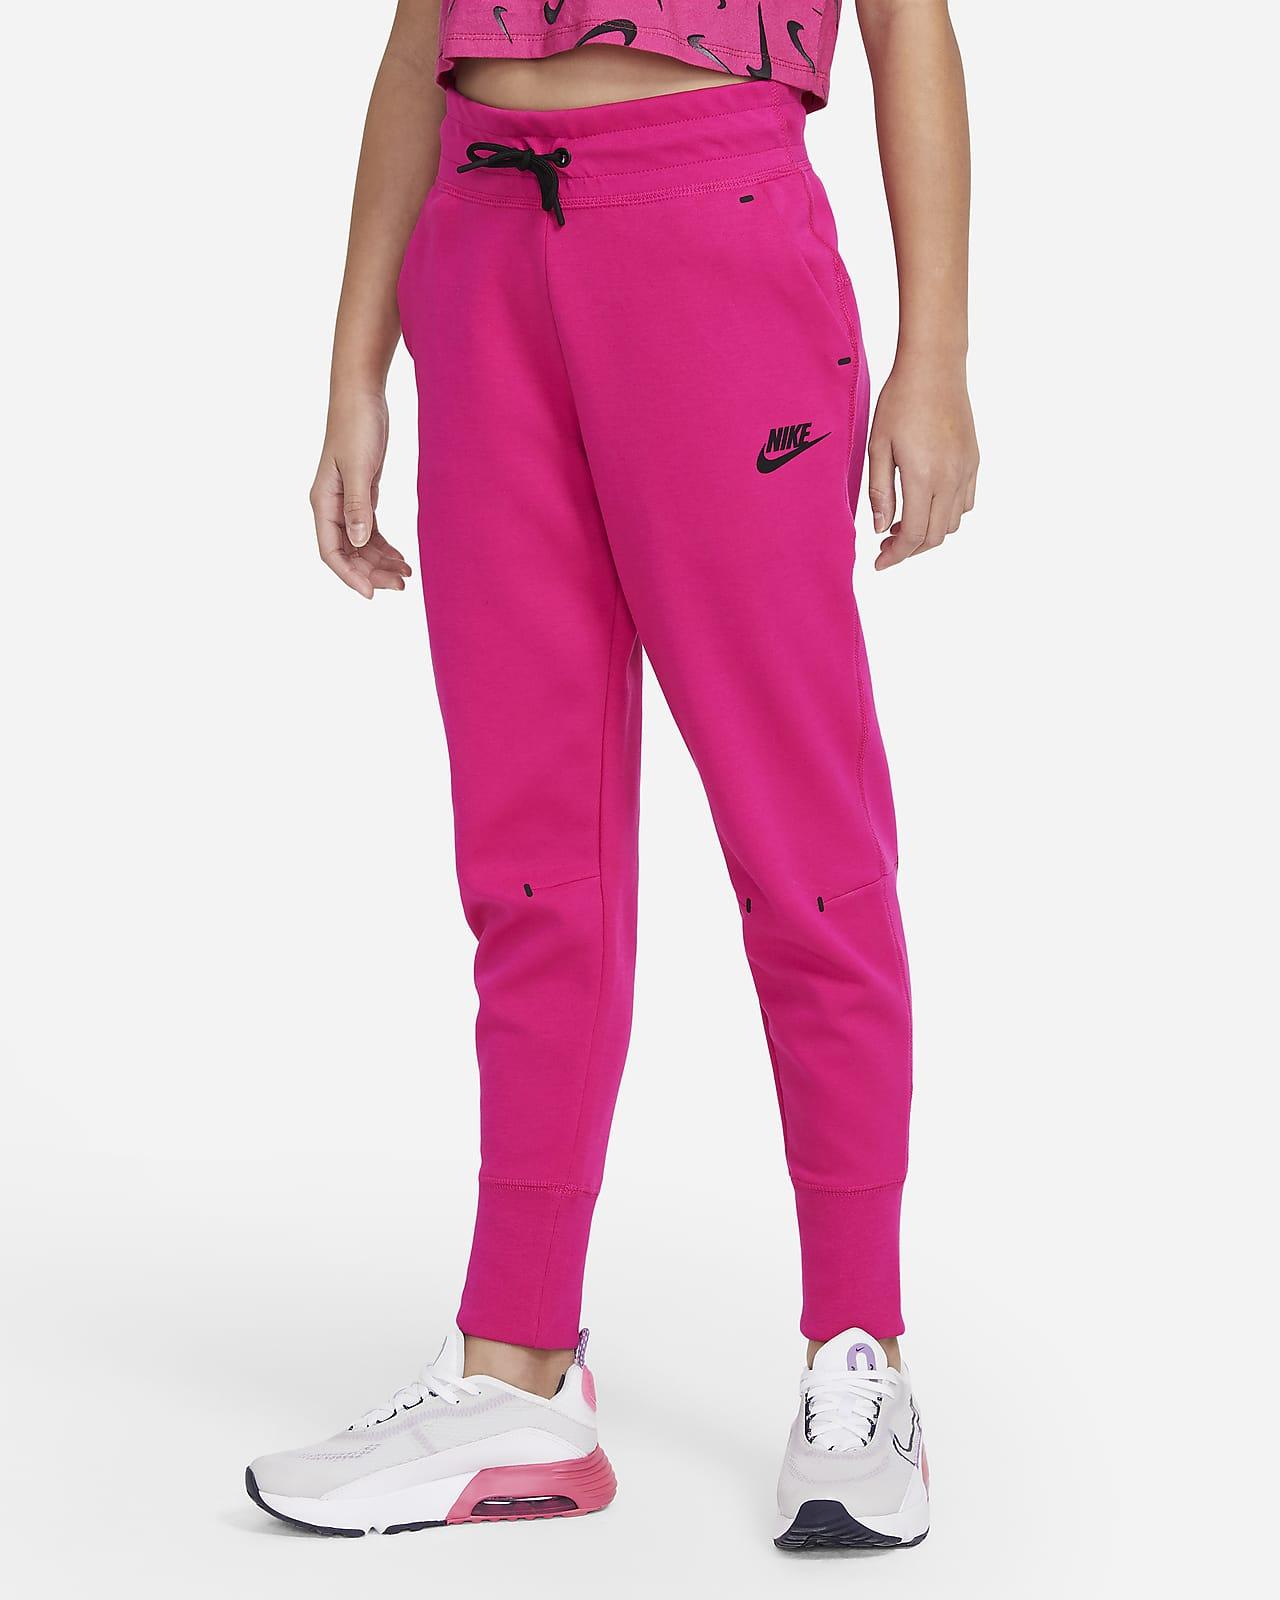 Nike Sportswear Tech Fleece Big Kids' (Girls') Pants